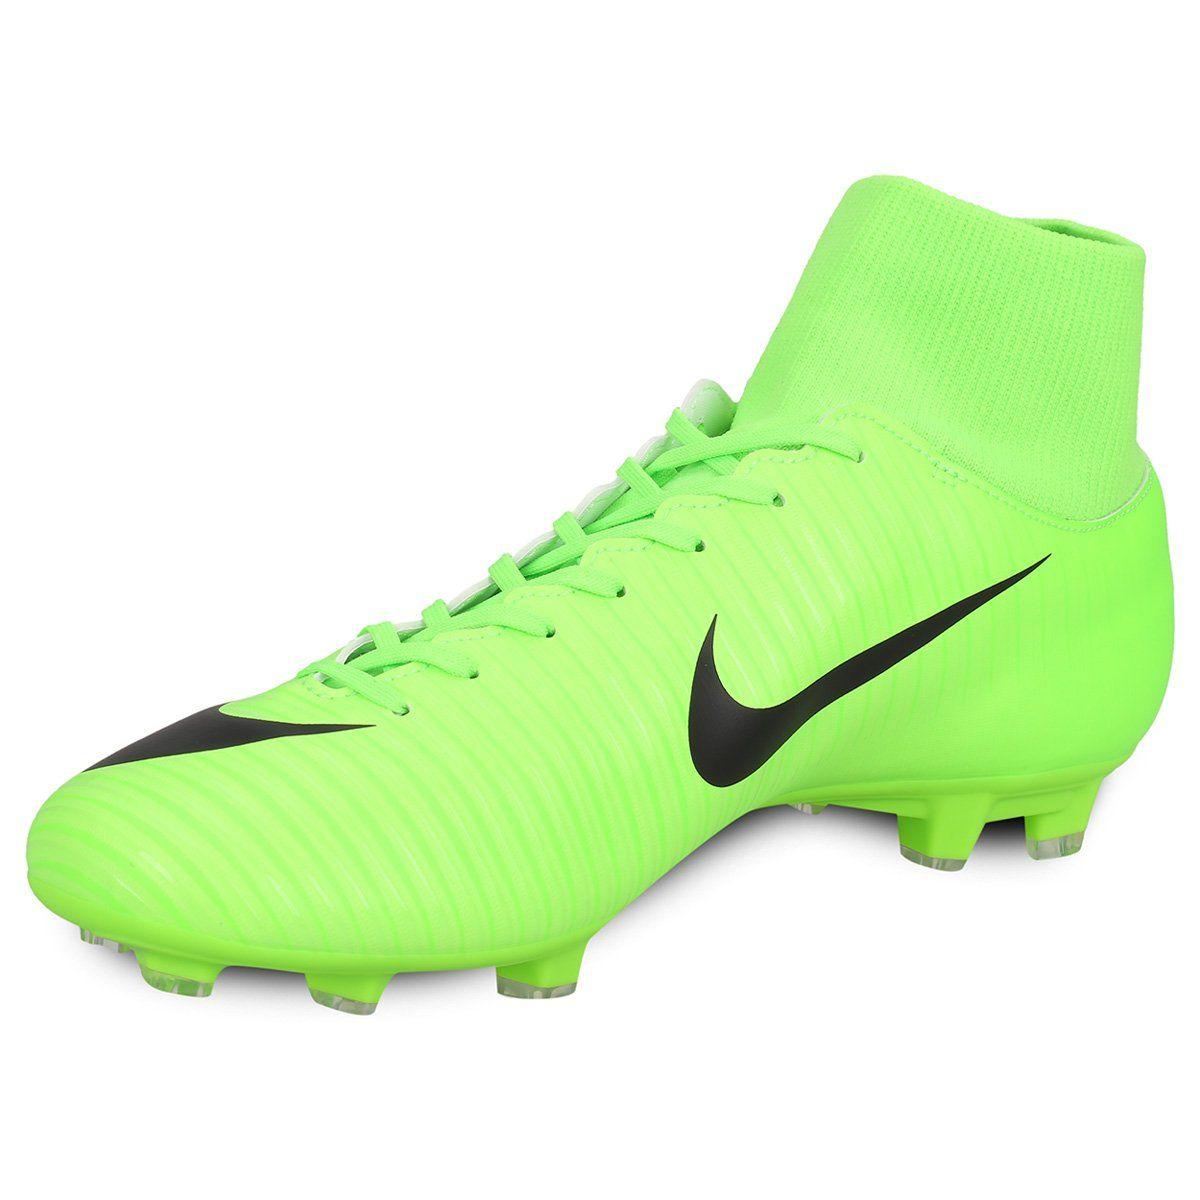 Botines Nike Mercurial Victory VI DF FG - Verde Claro  78927e256fbc7